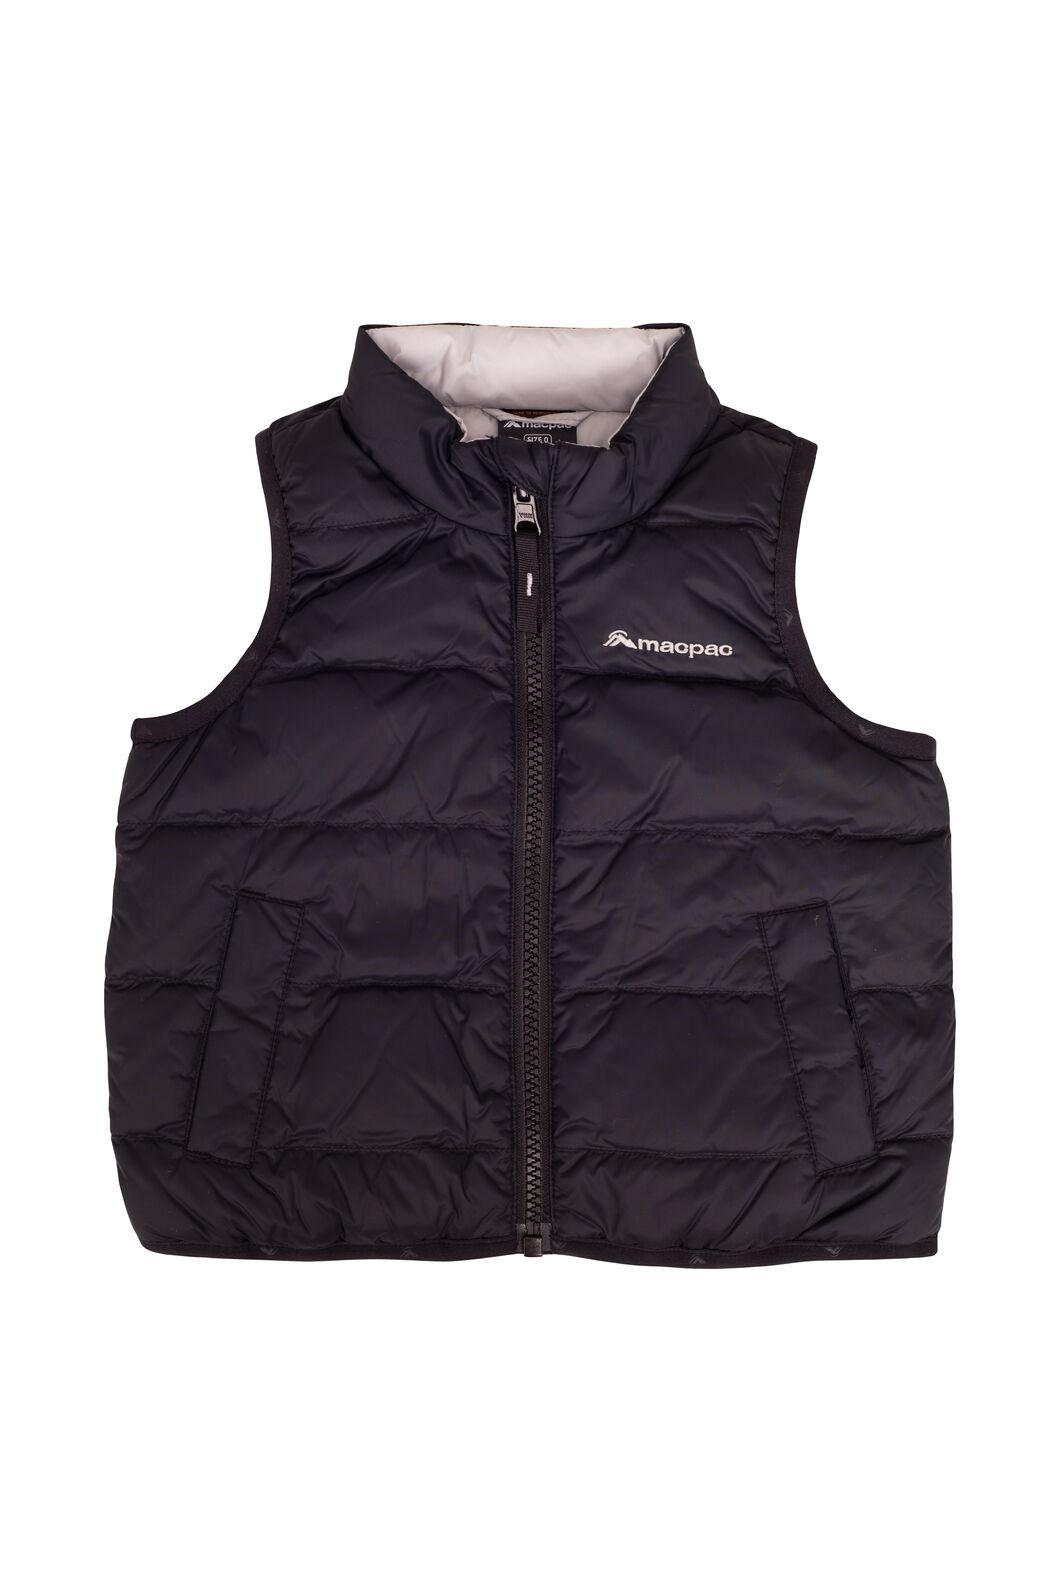 Macpac Atom Down Vest — Baby, Black, hi-res